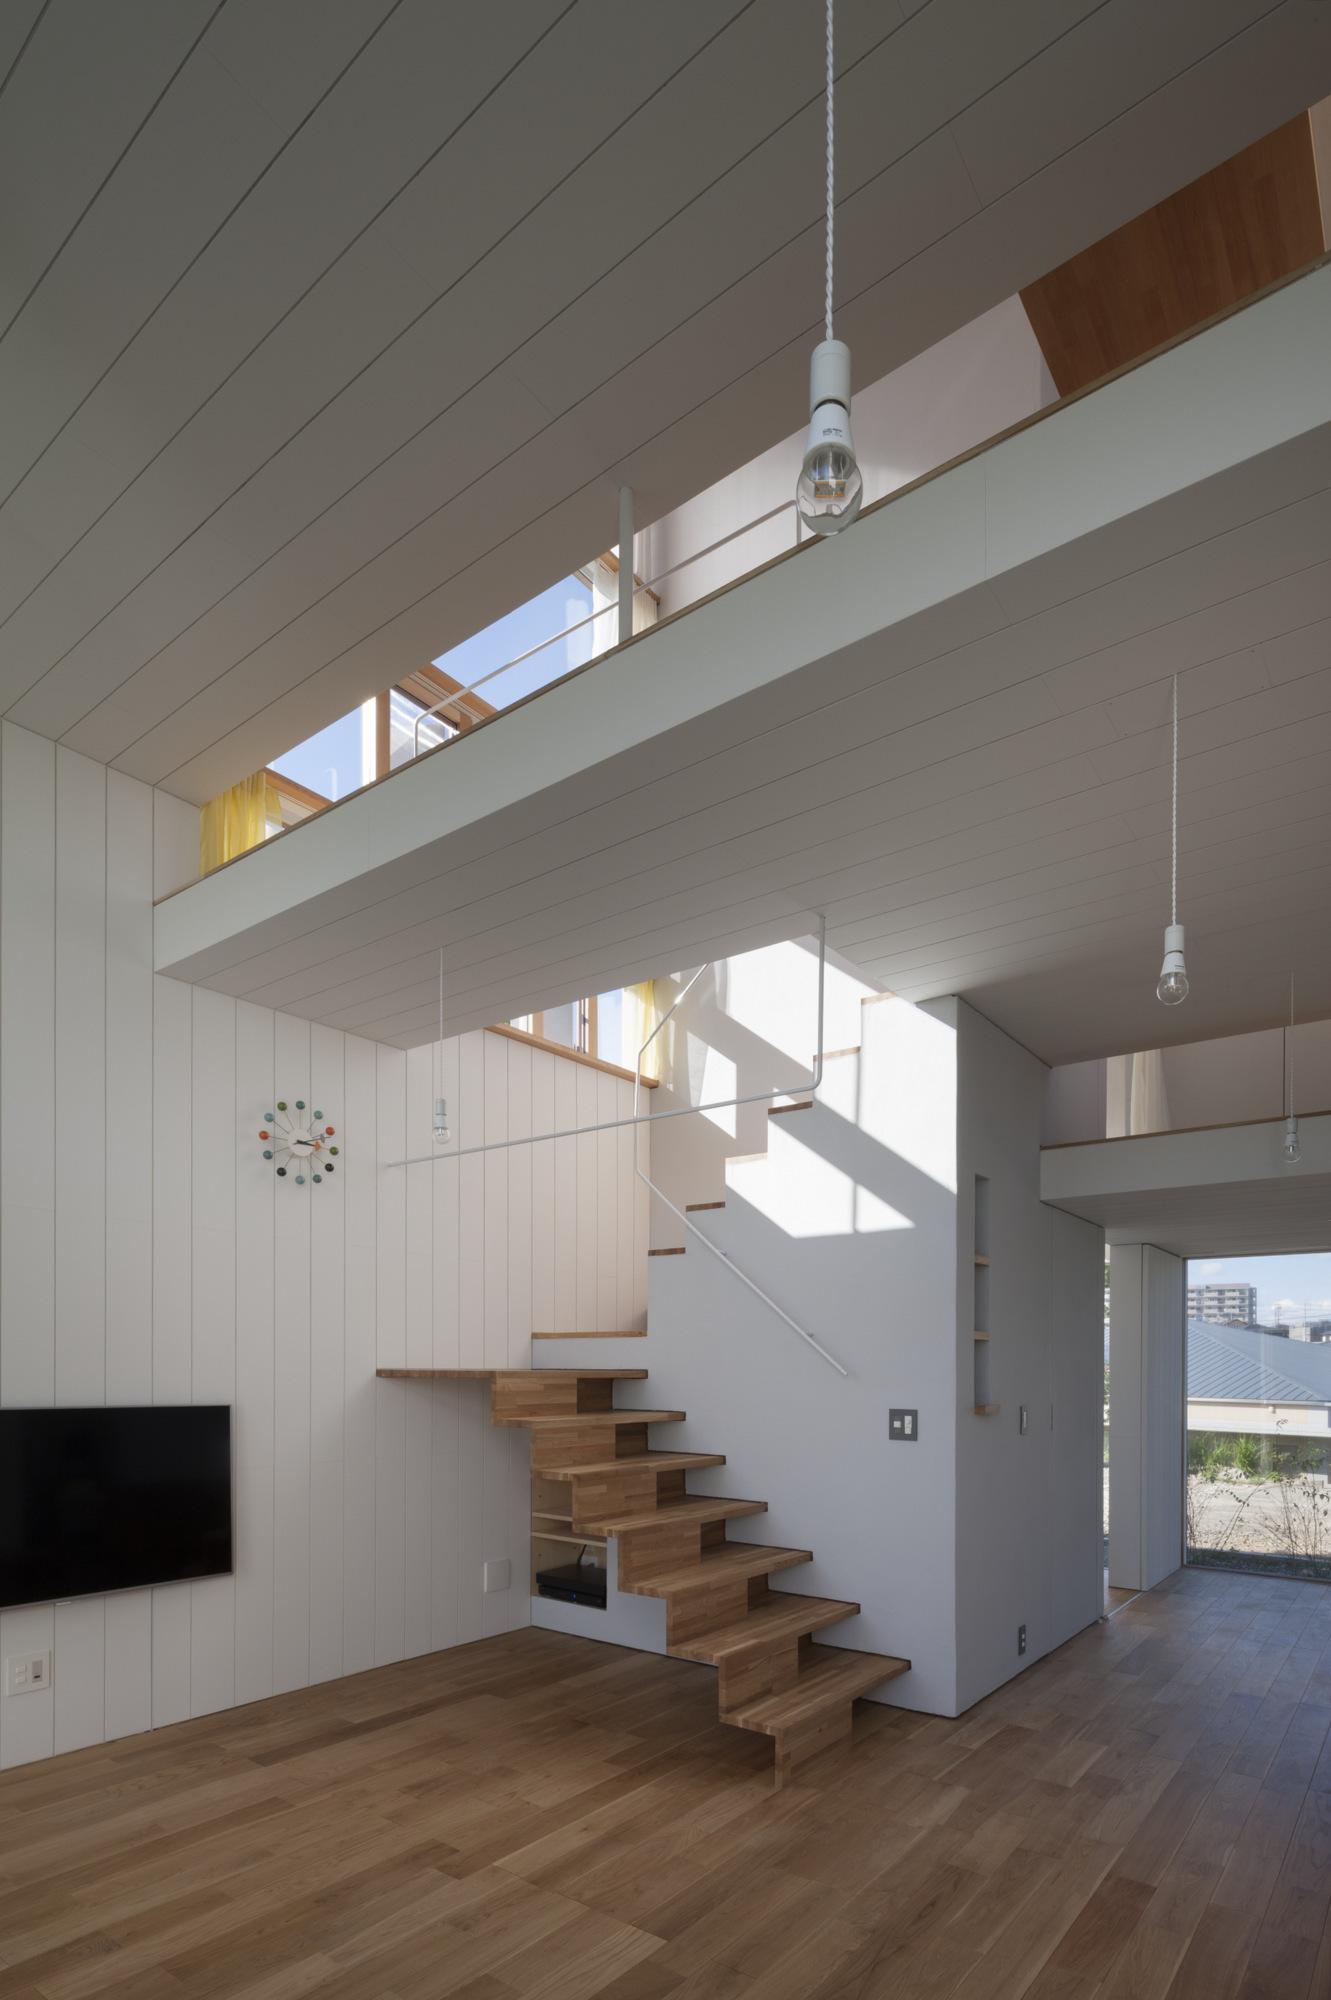 House Passage of Landscape / Ihrmk (11)